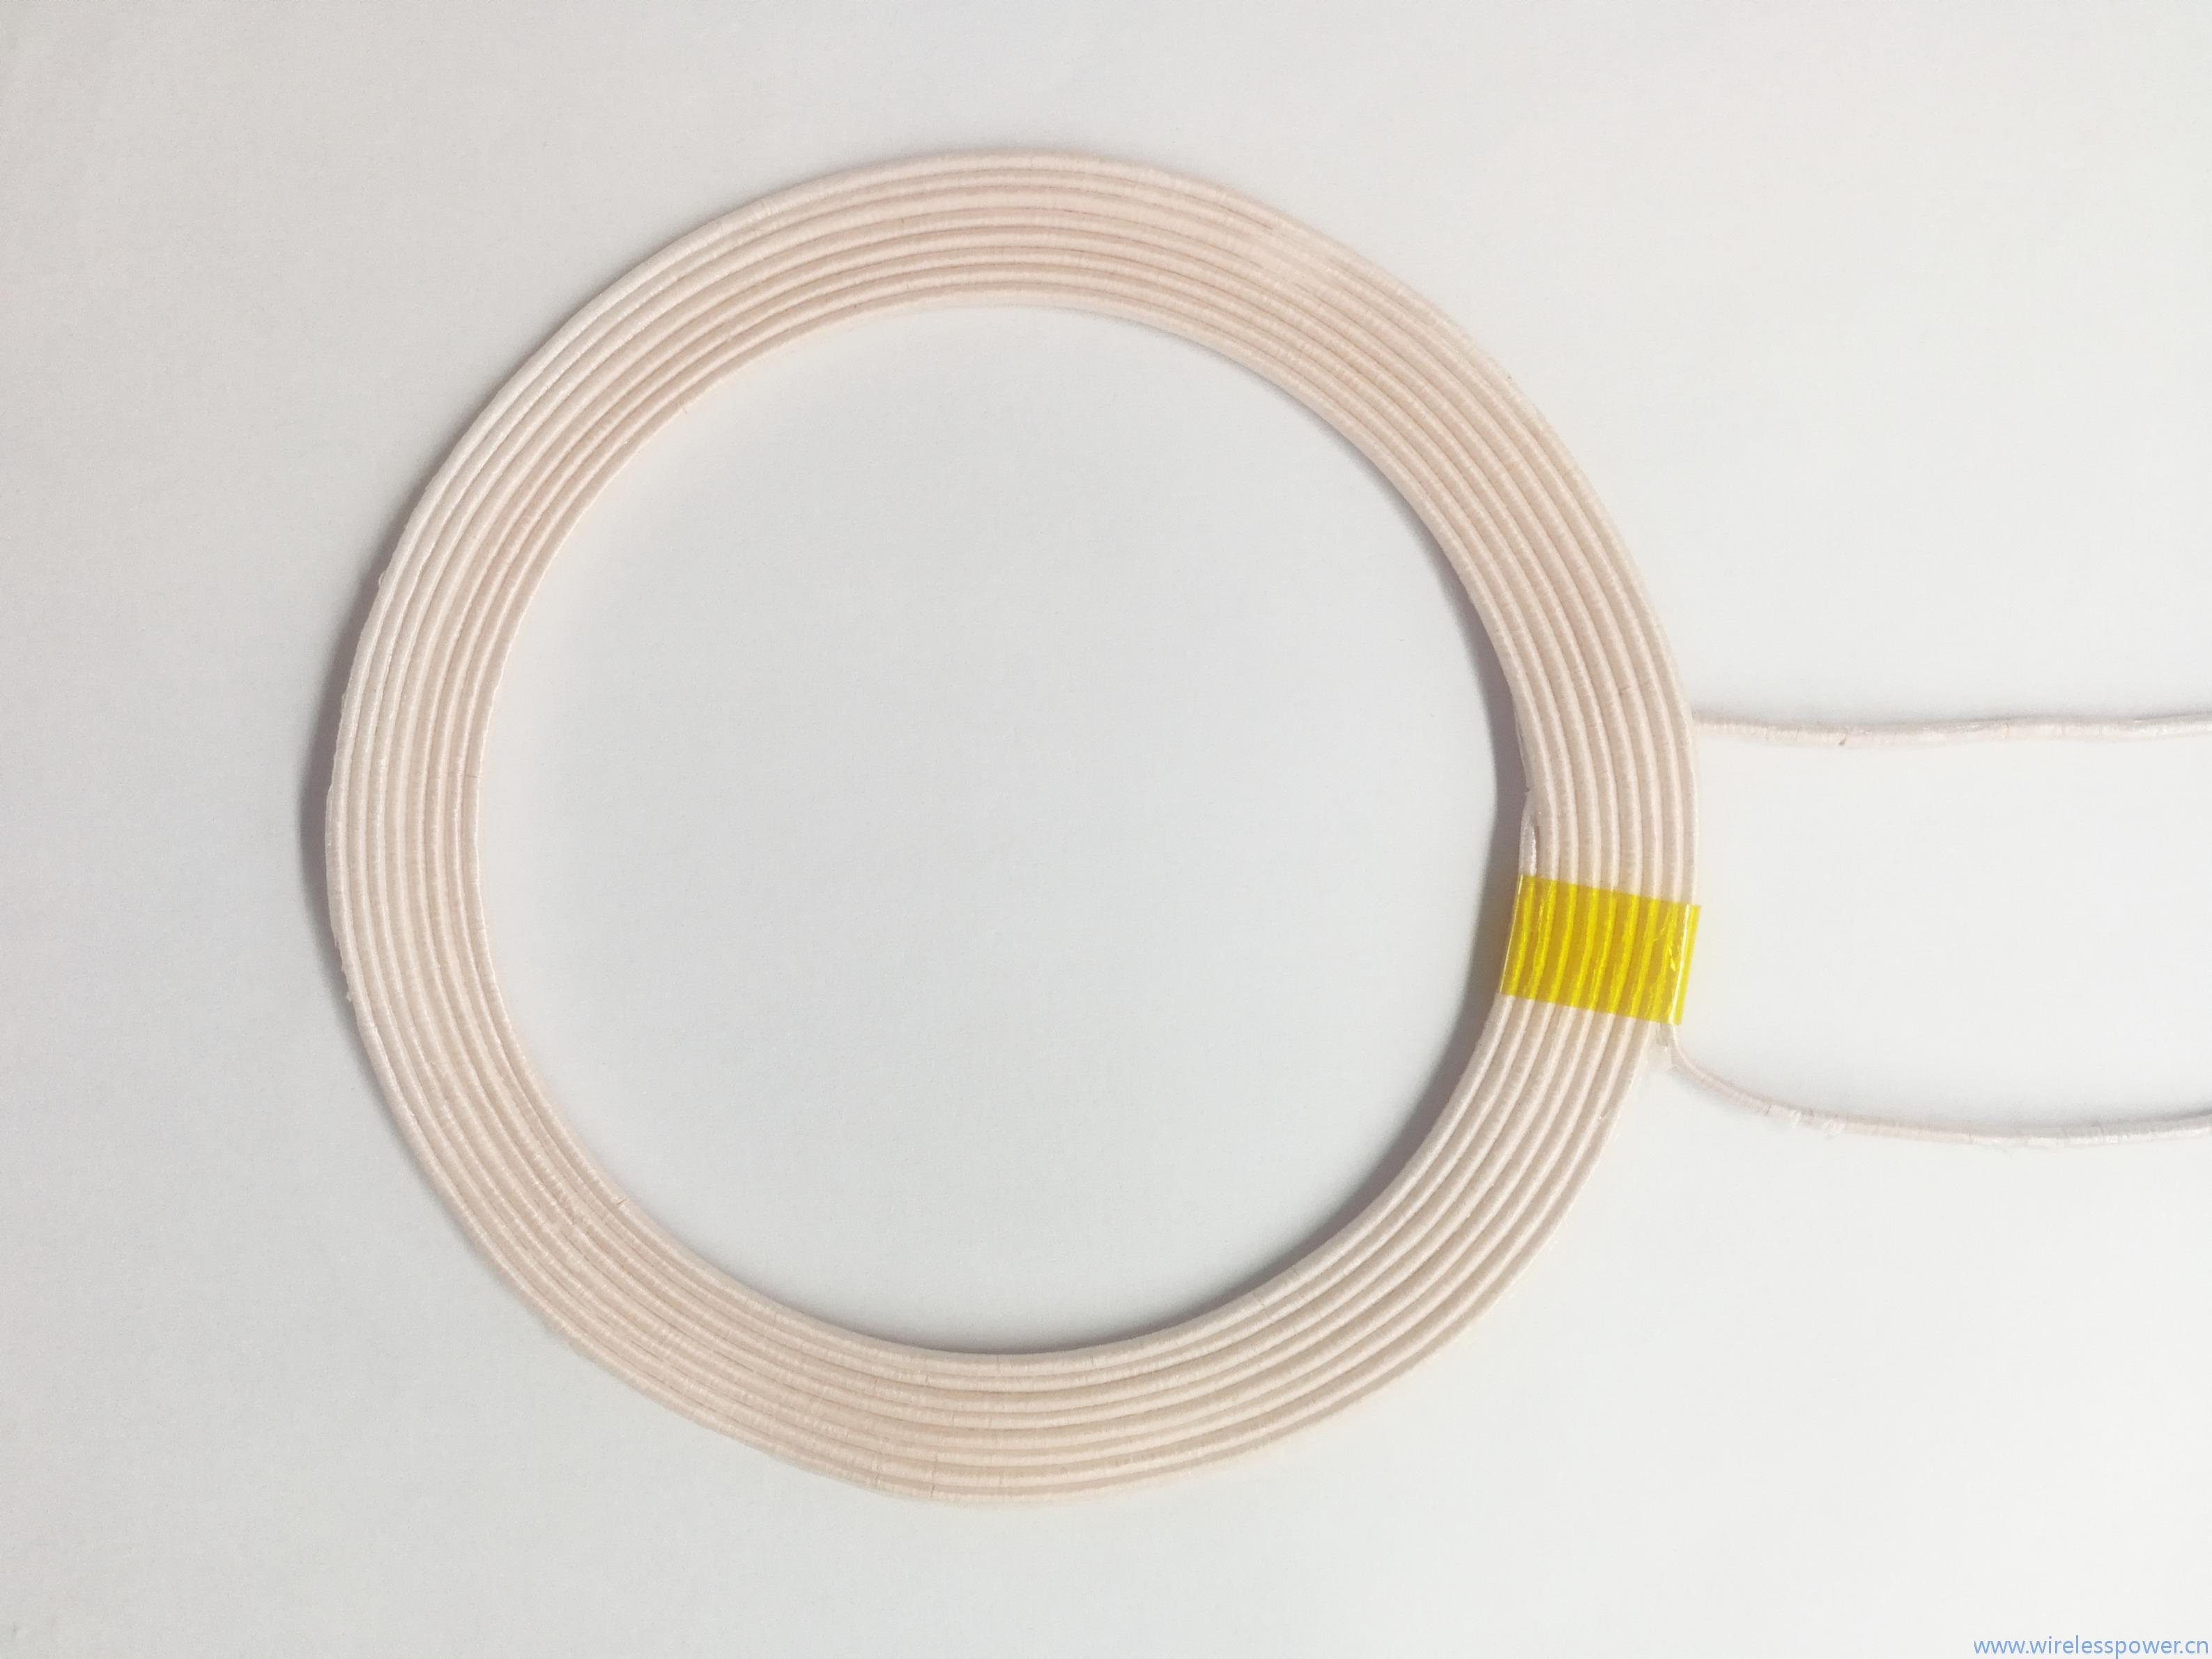 多股线圈-D=90mm  L=12.8uH